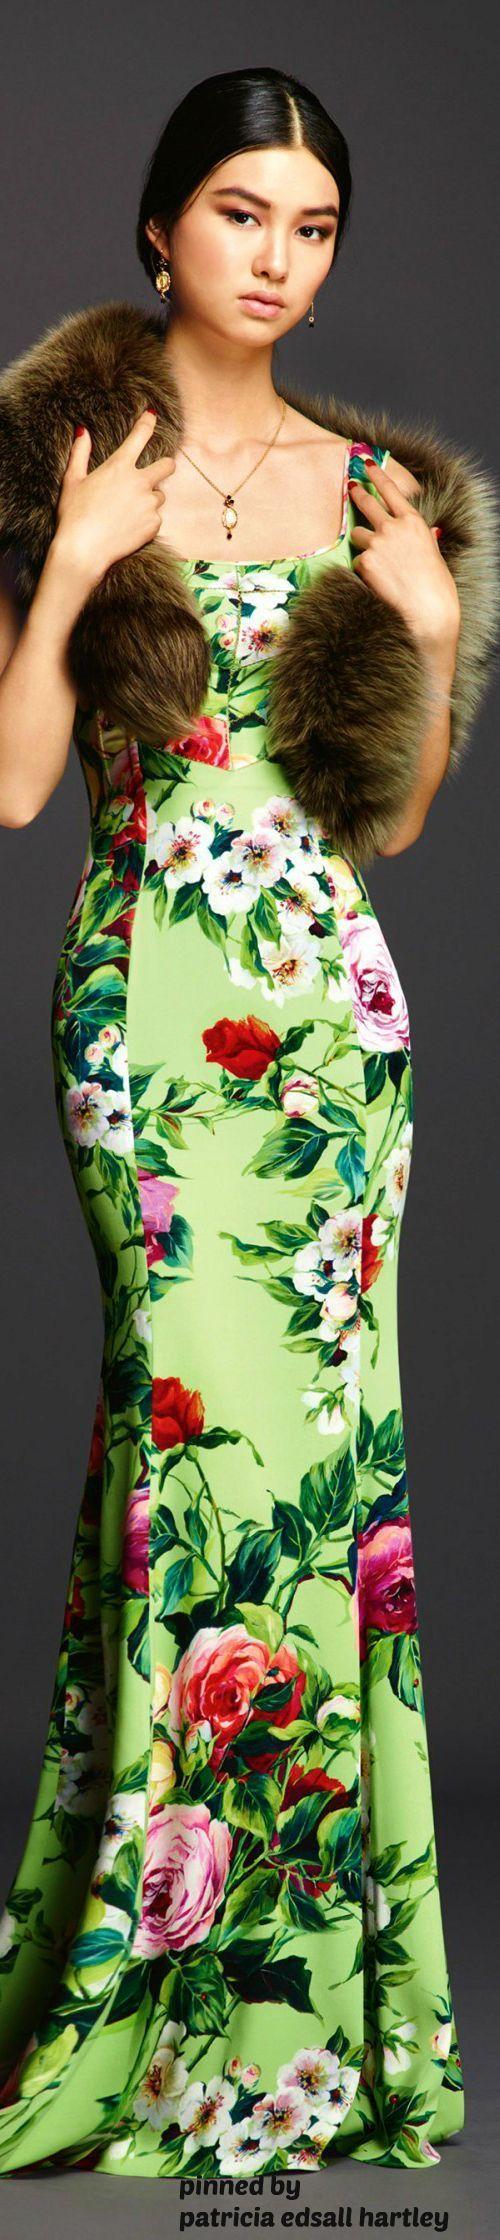 Dolce & Gabbana - Summer 2016 Collection Sera